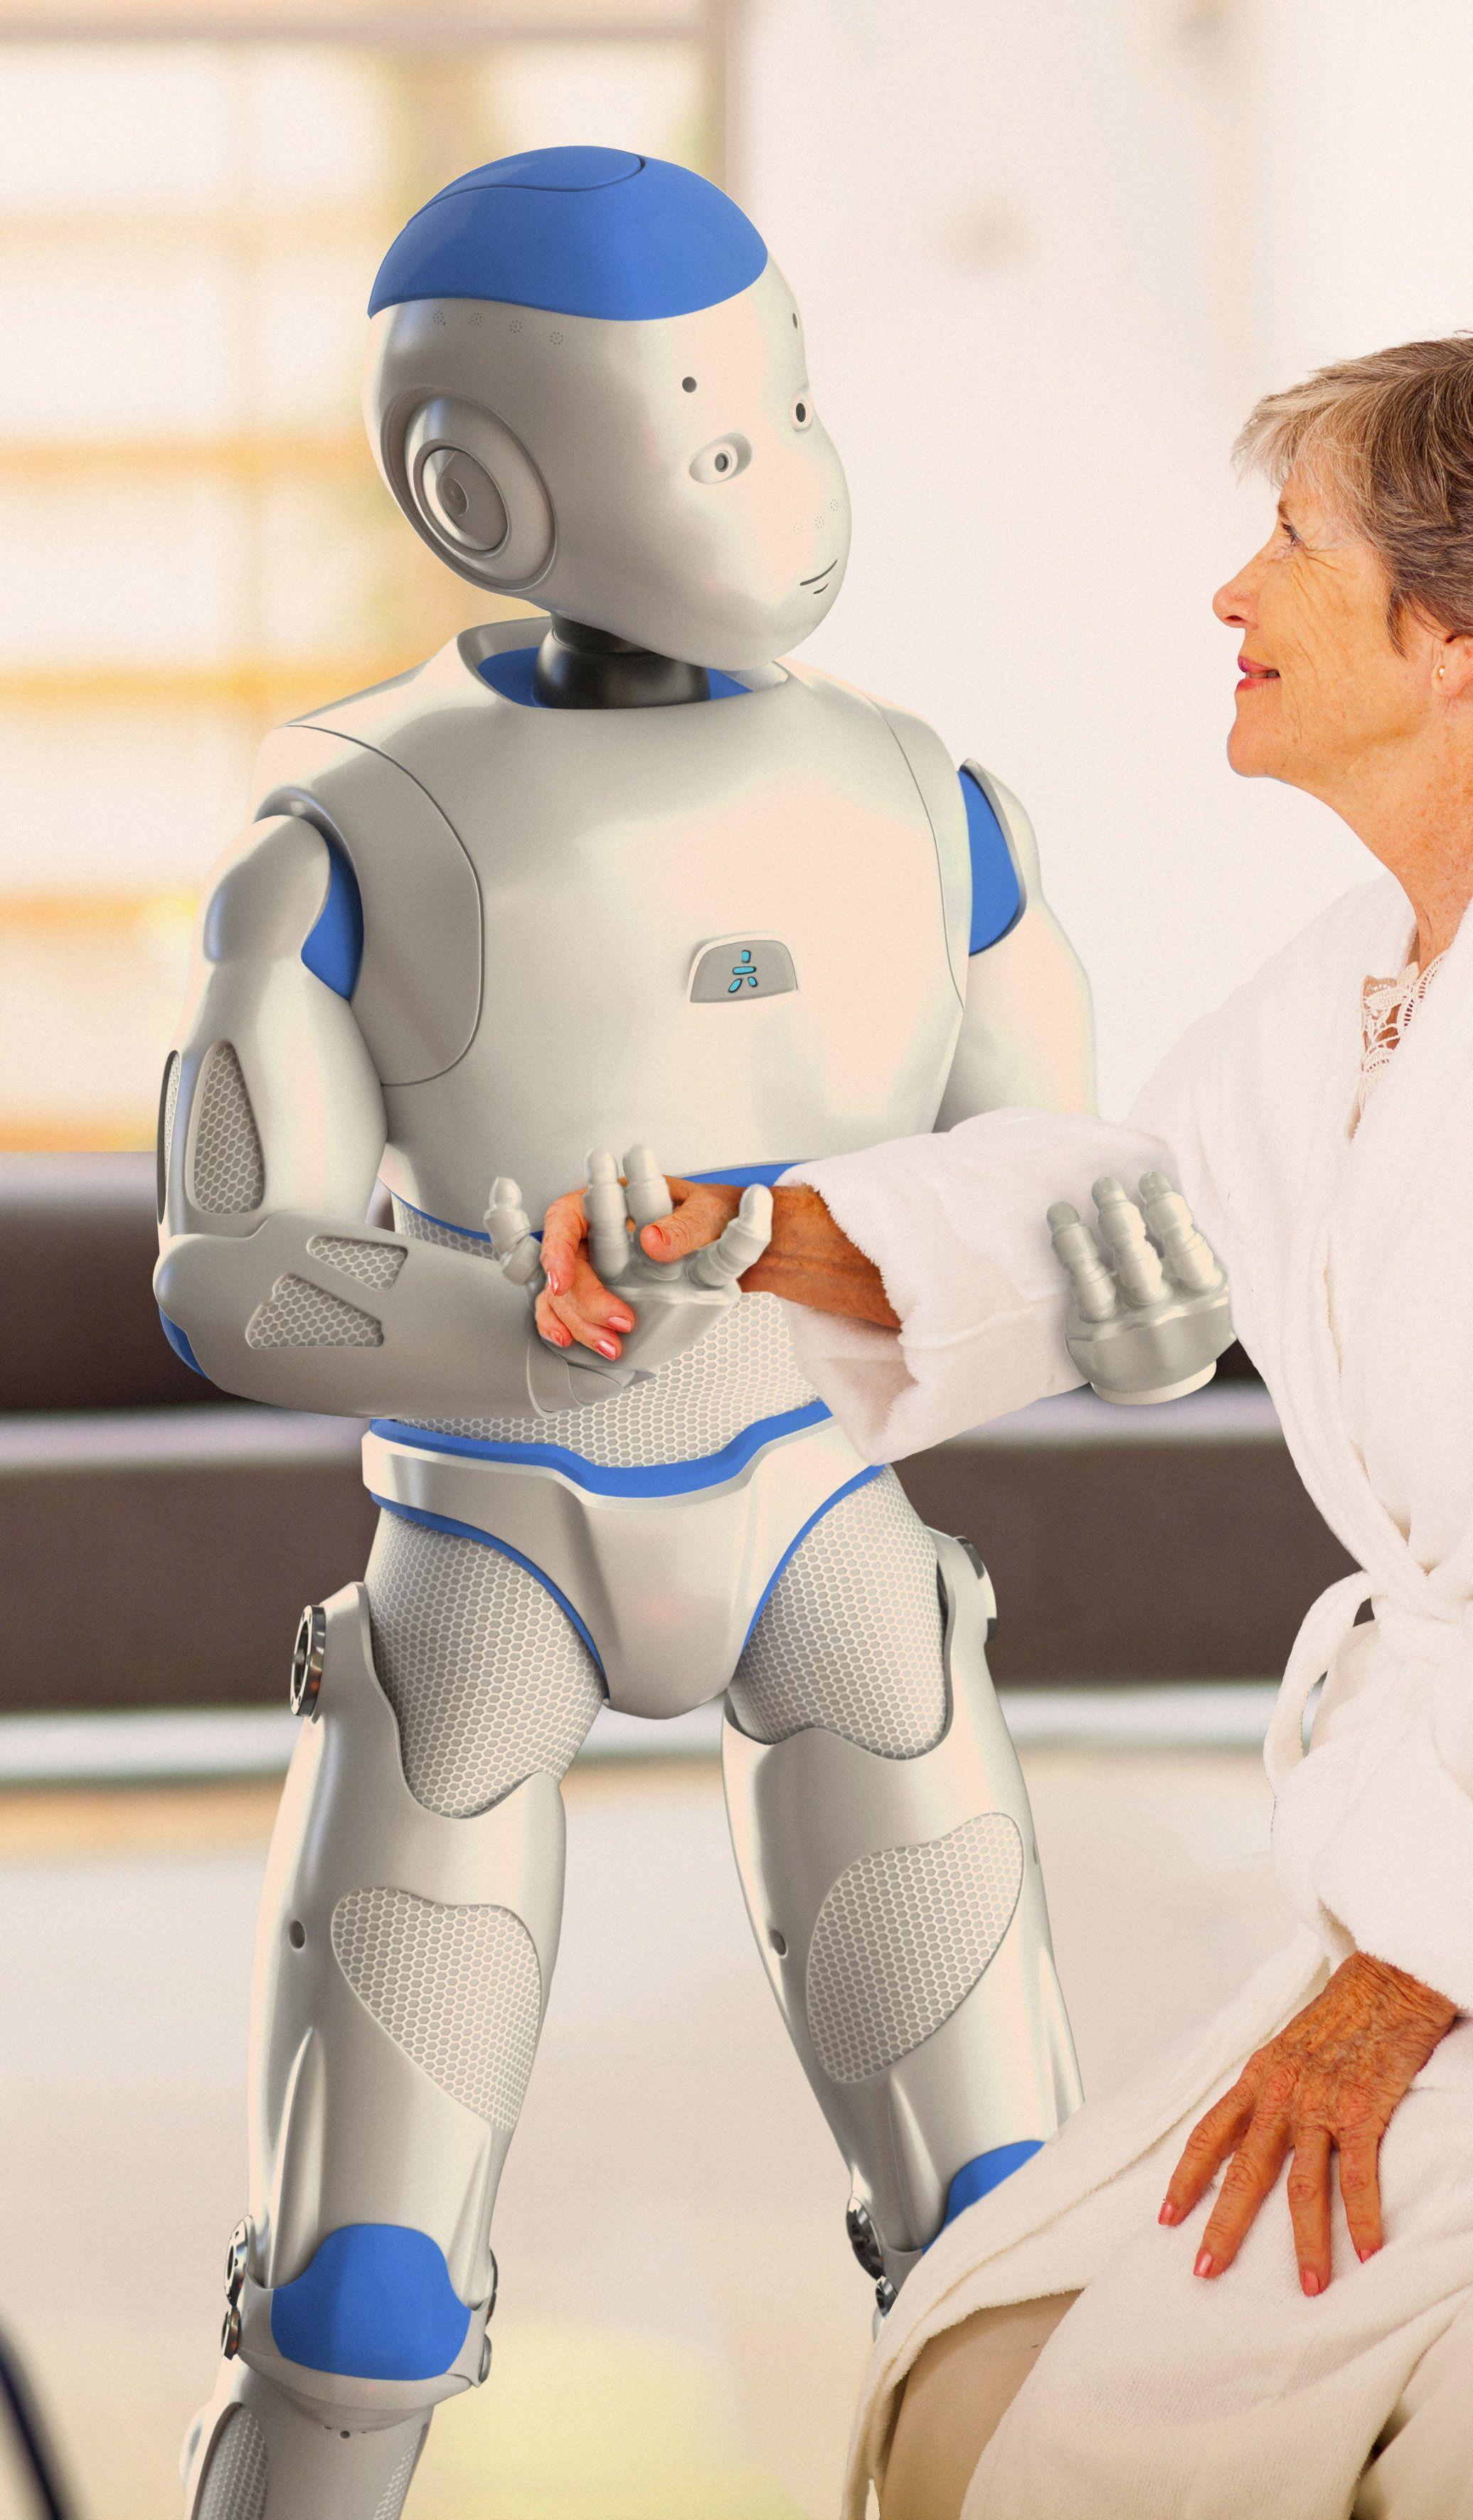 De hulprobot: dat is waar we naar moeten streven.... vind ik....